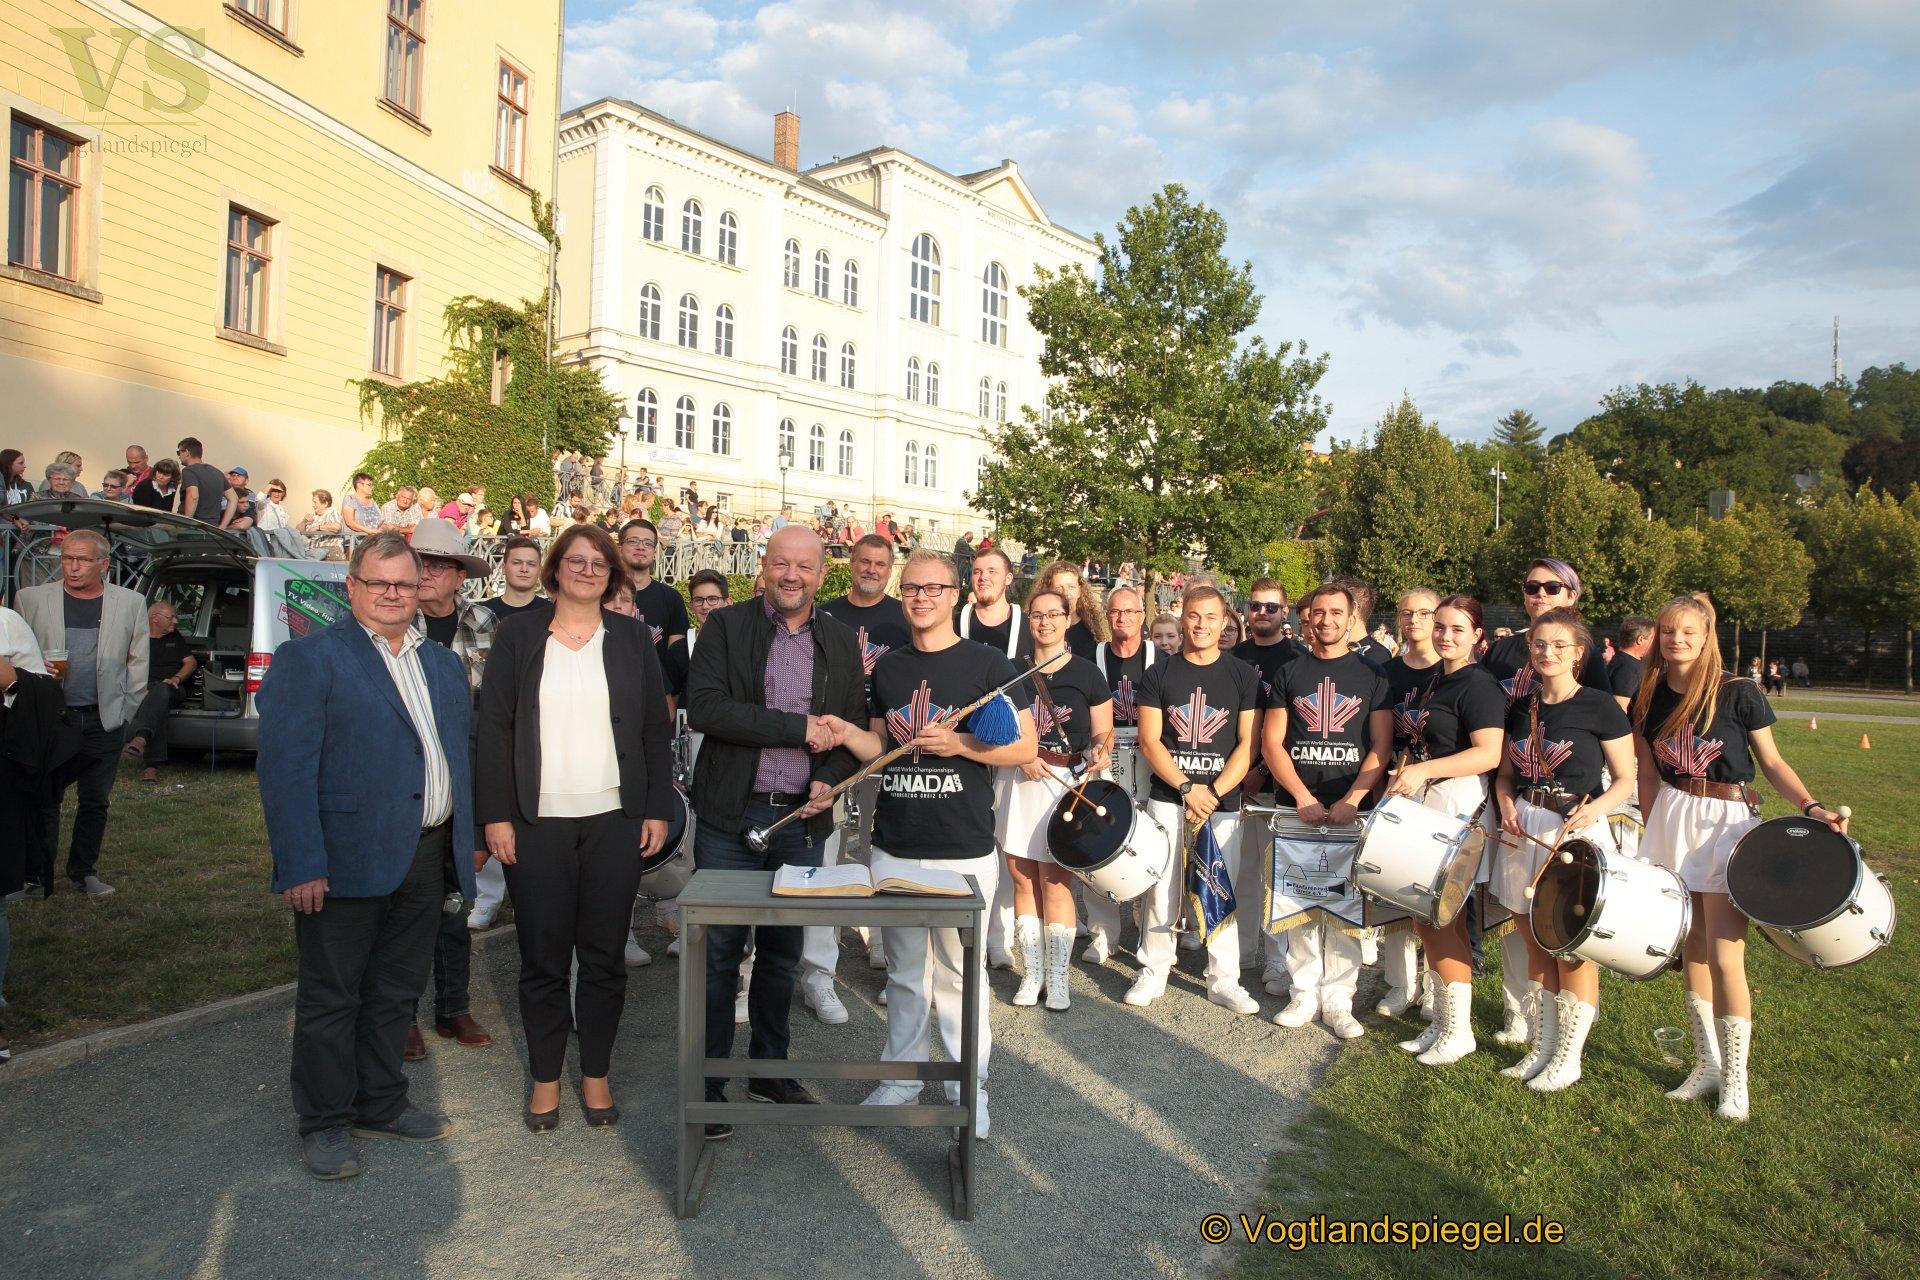 Präsentation ihres Weltmeisterschaftsprogramms zeigte der Greizer Fanfarenzug im Greizer Schlossgarten und schrieb sich ins goldene Buch der Stadt Greiz ein.